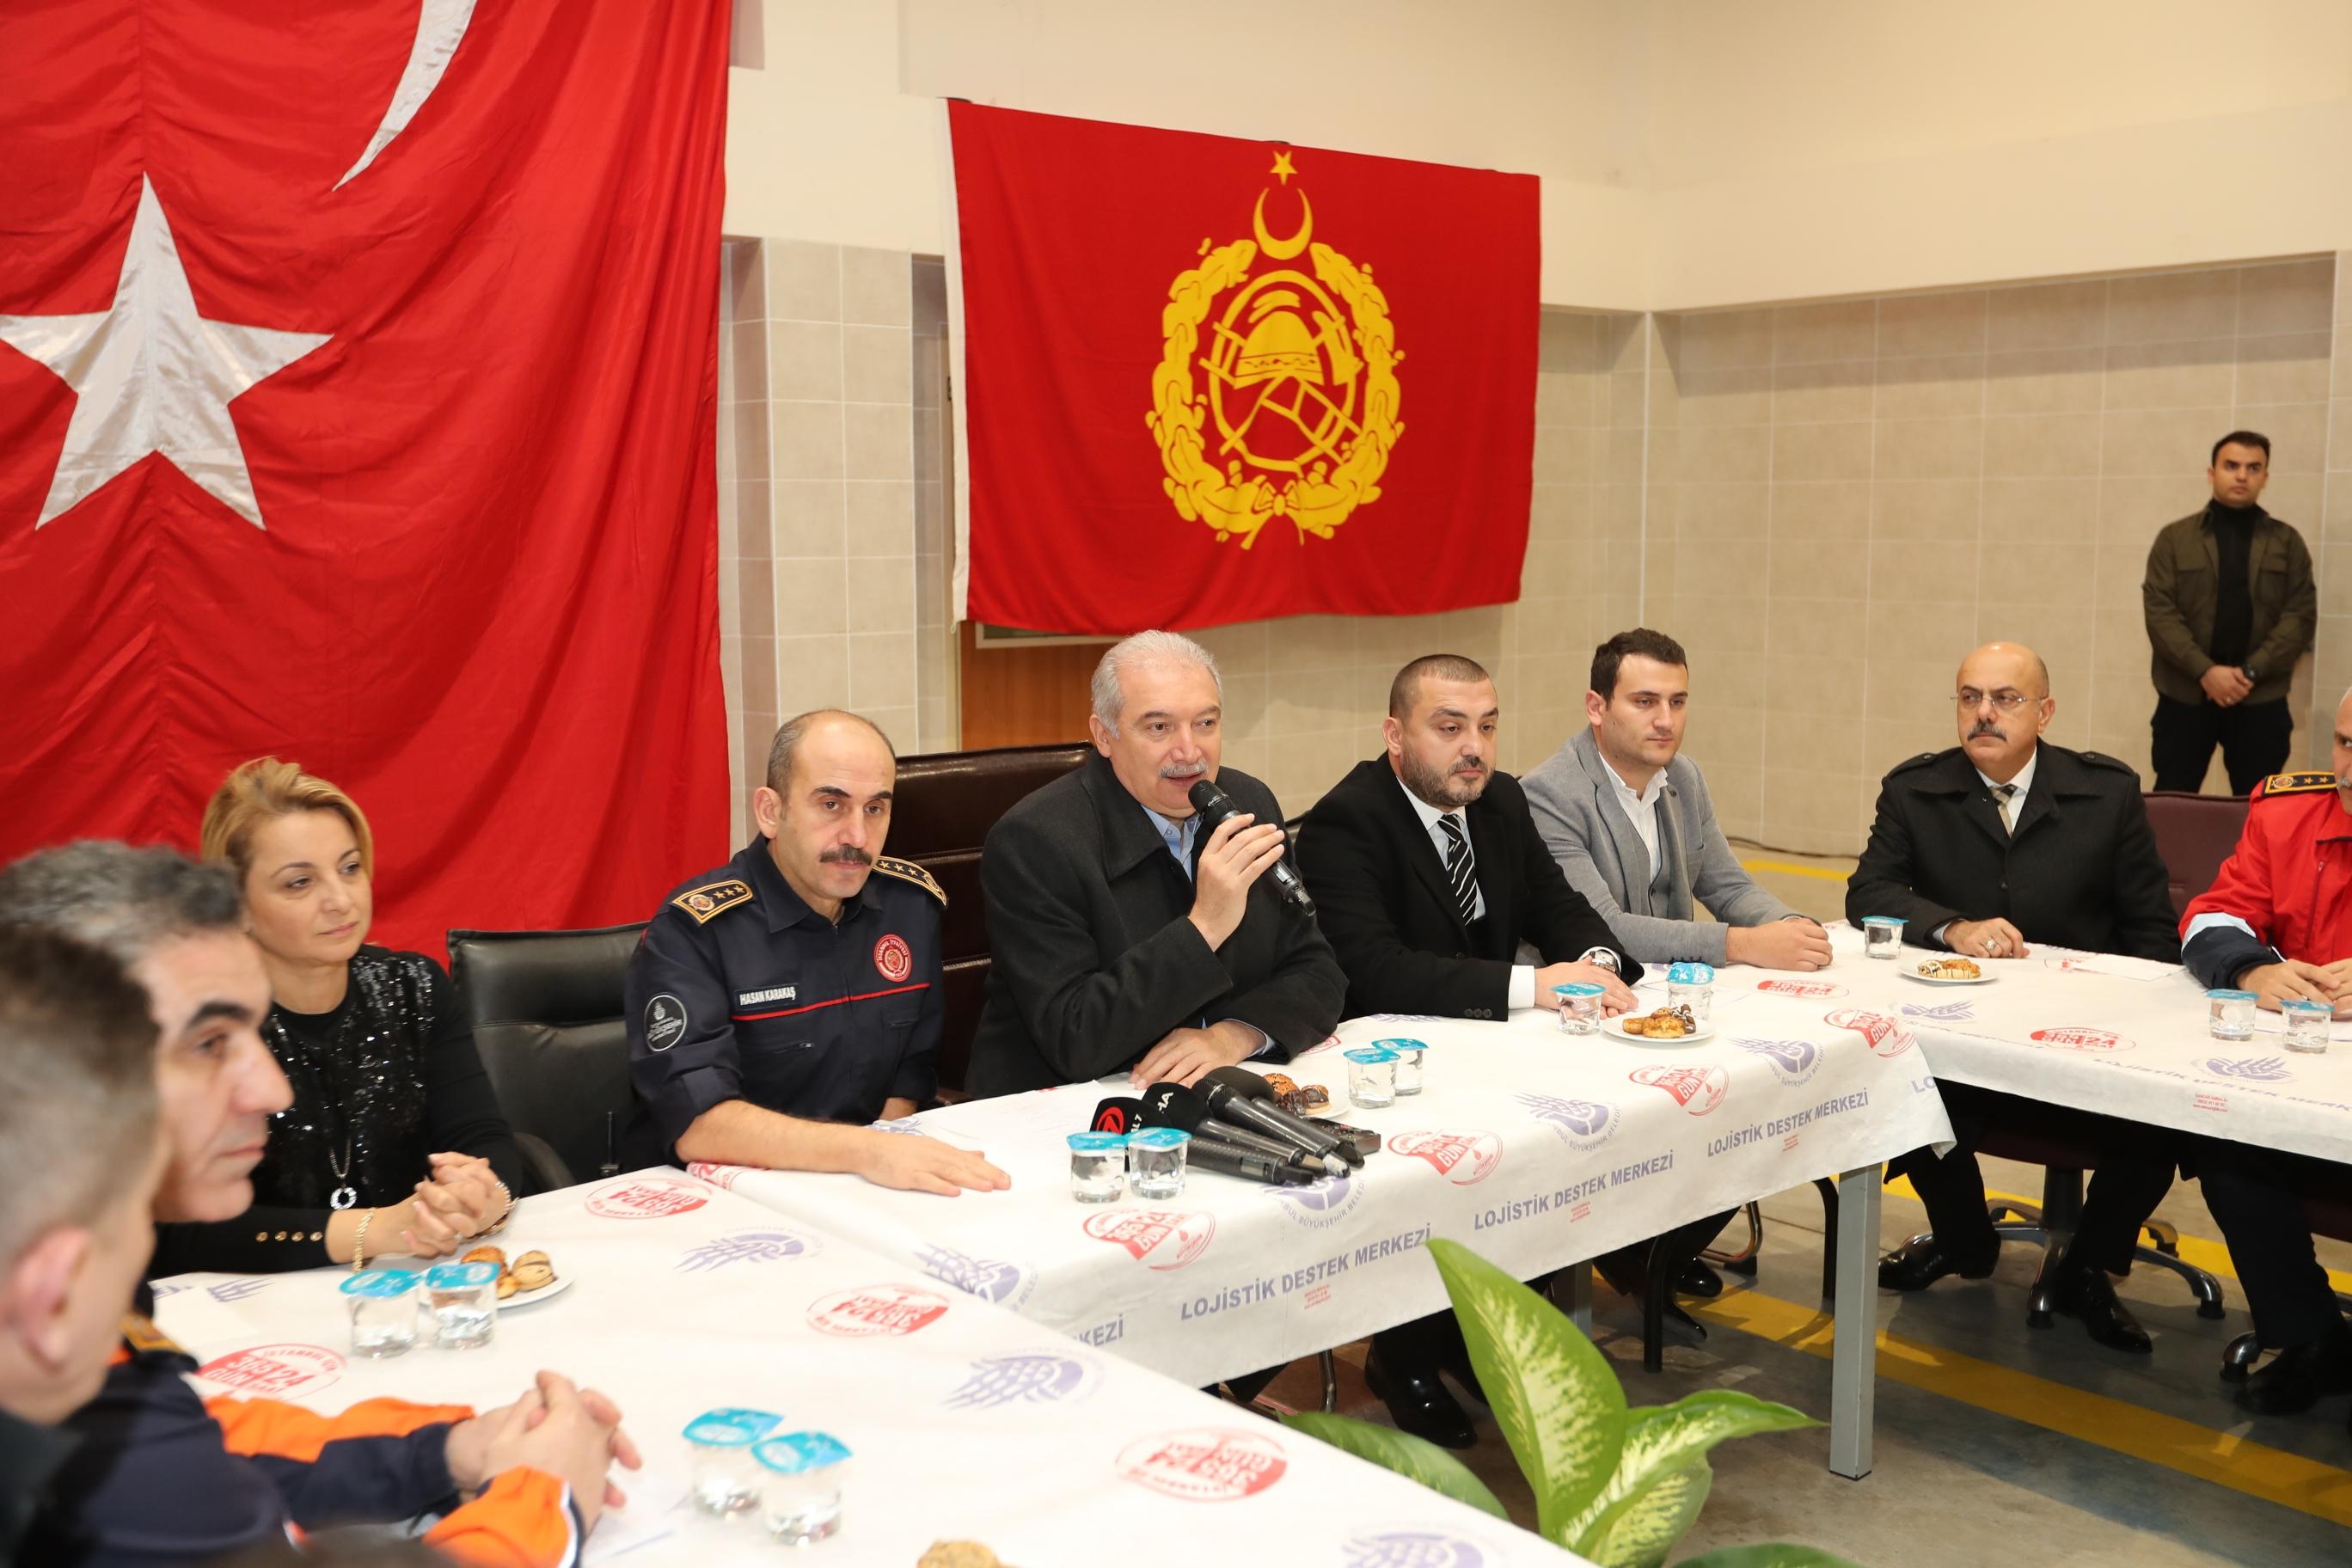 Mr. Mevlüt UYSAL entered the new year in Büyükçekmece - News - Istanbul Fire Department